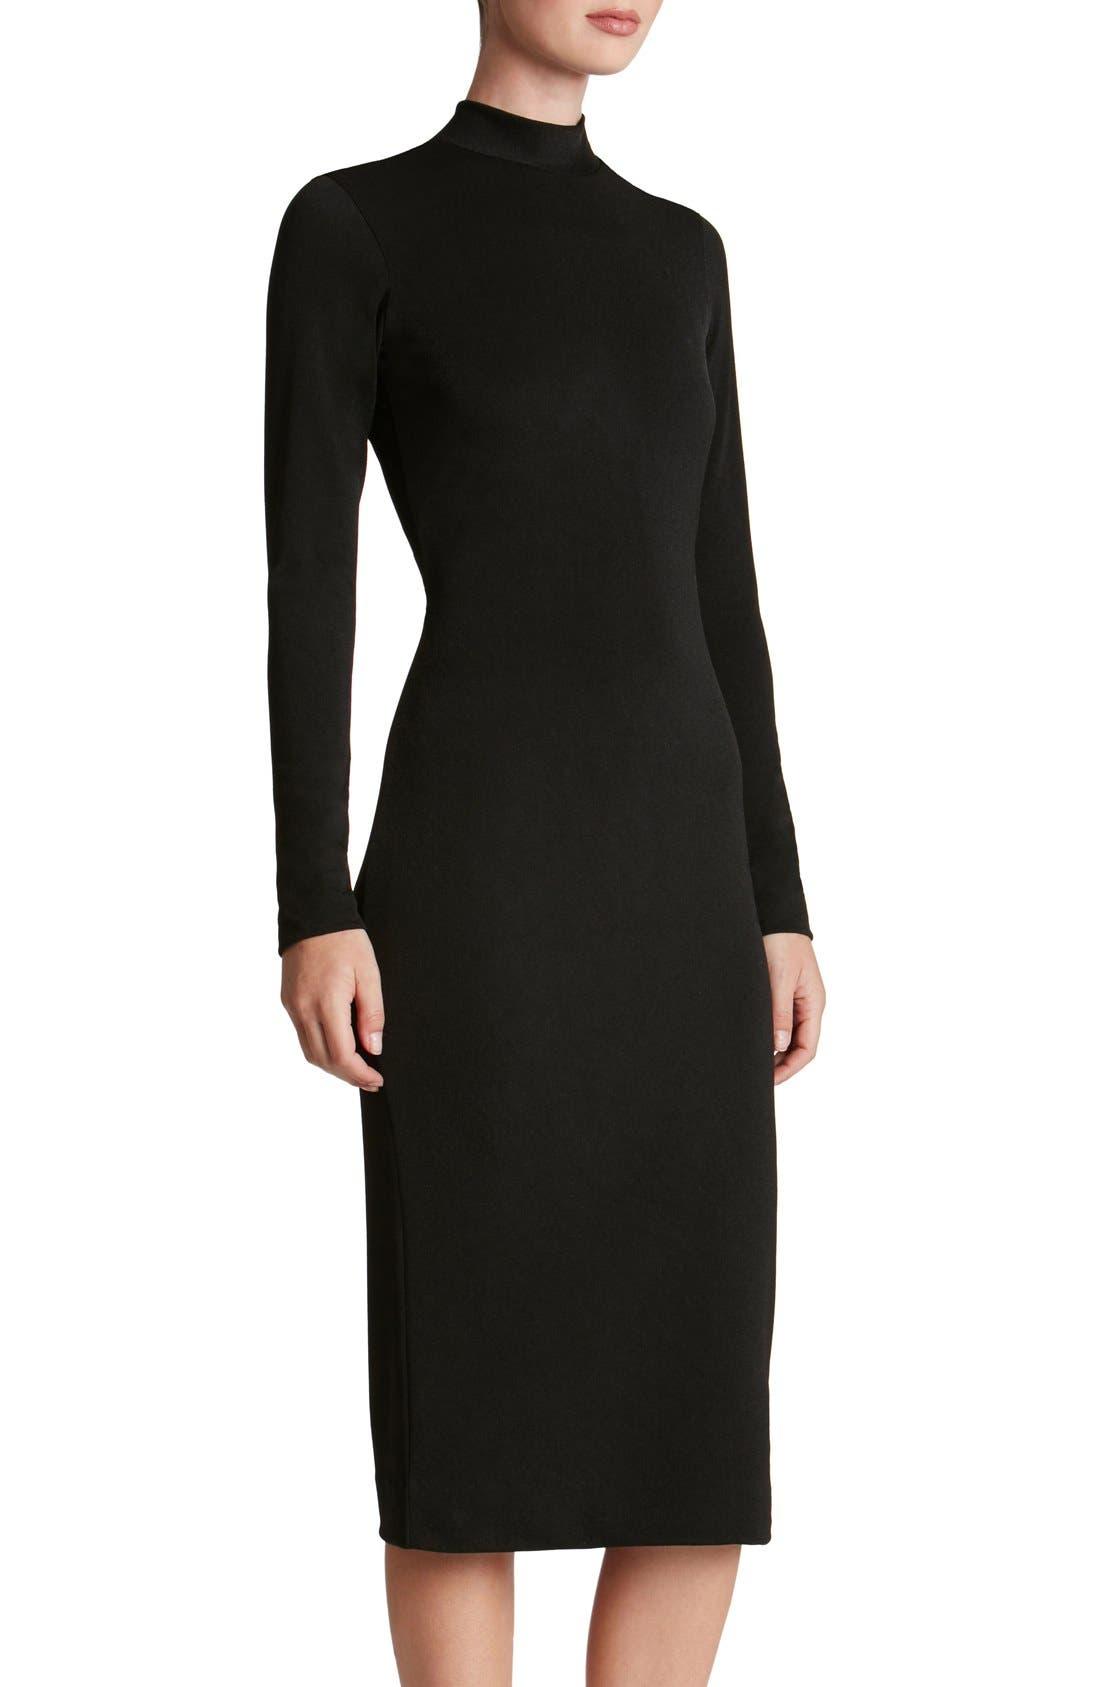 DRESS THE POPULATION 'Quinn' Knit Midi Dress